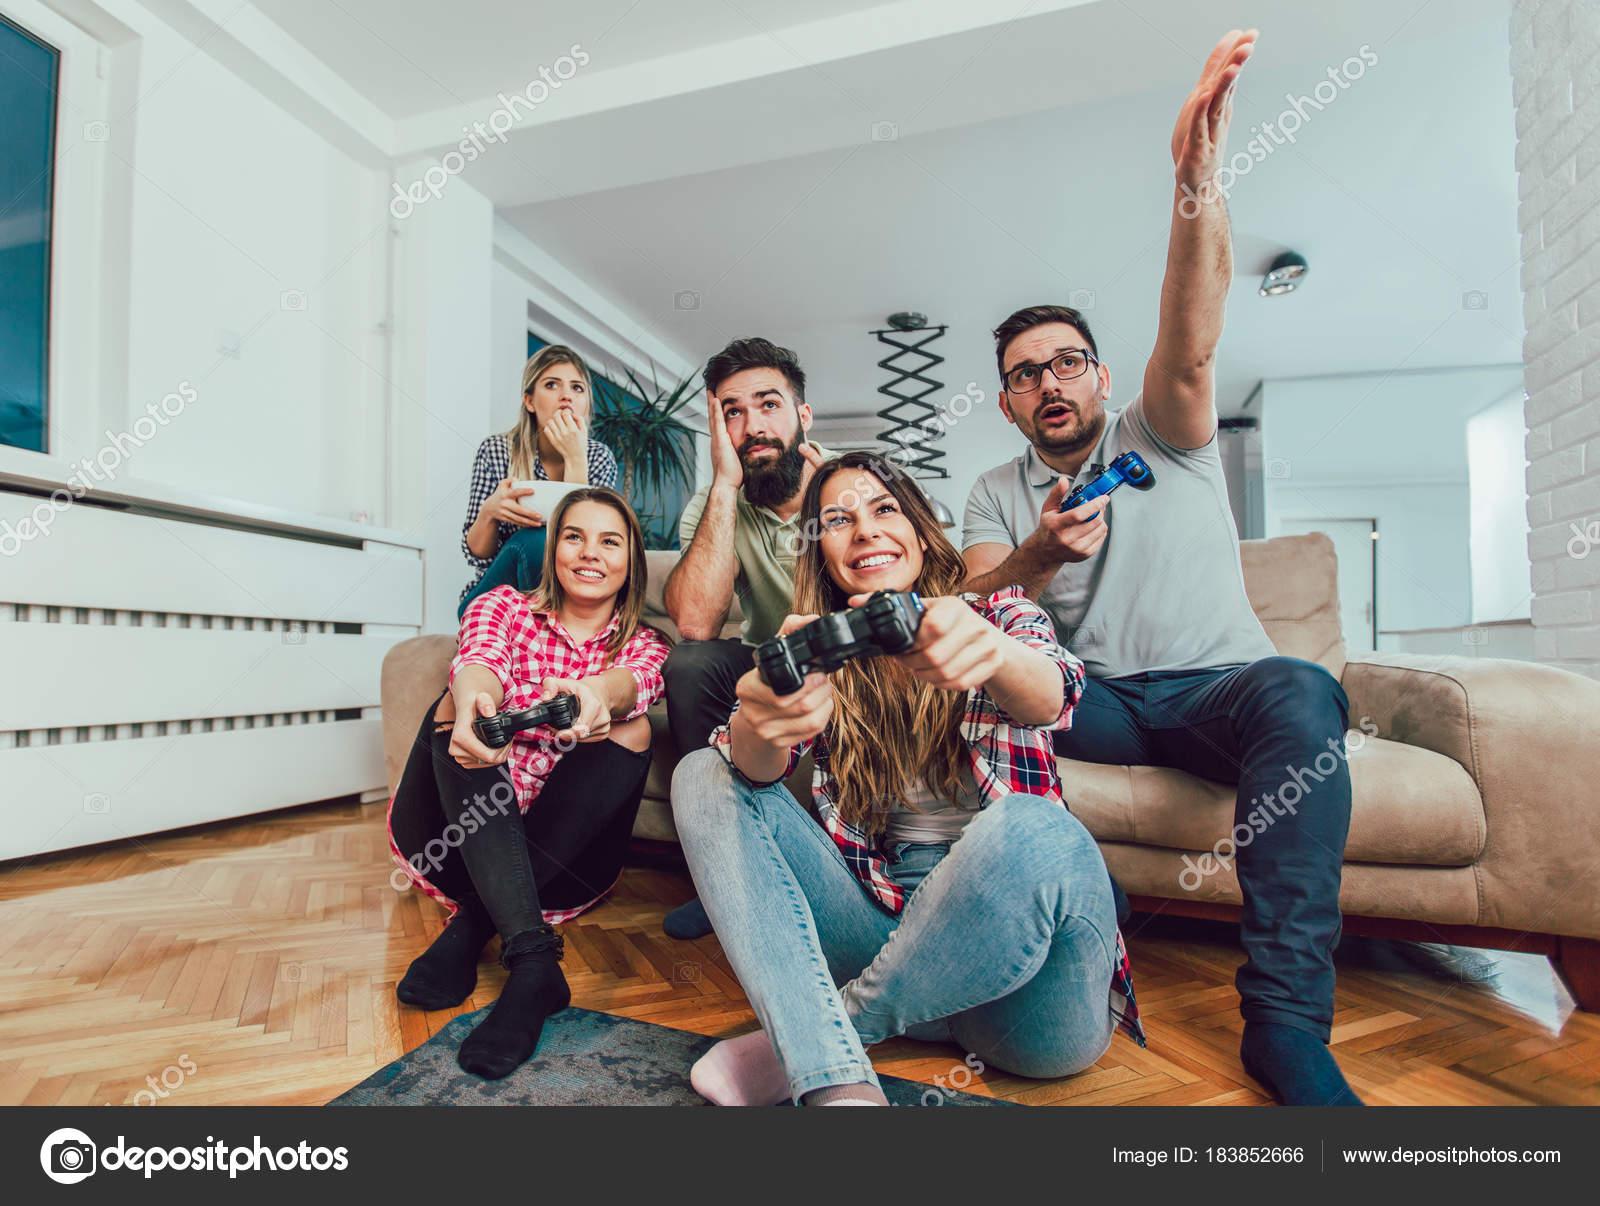 Juegos En Casa En Grupo Grupo Amigos Juegan Juegos Video Casa